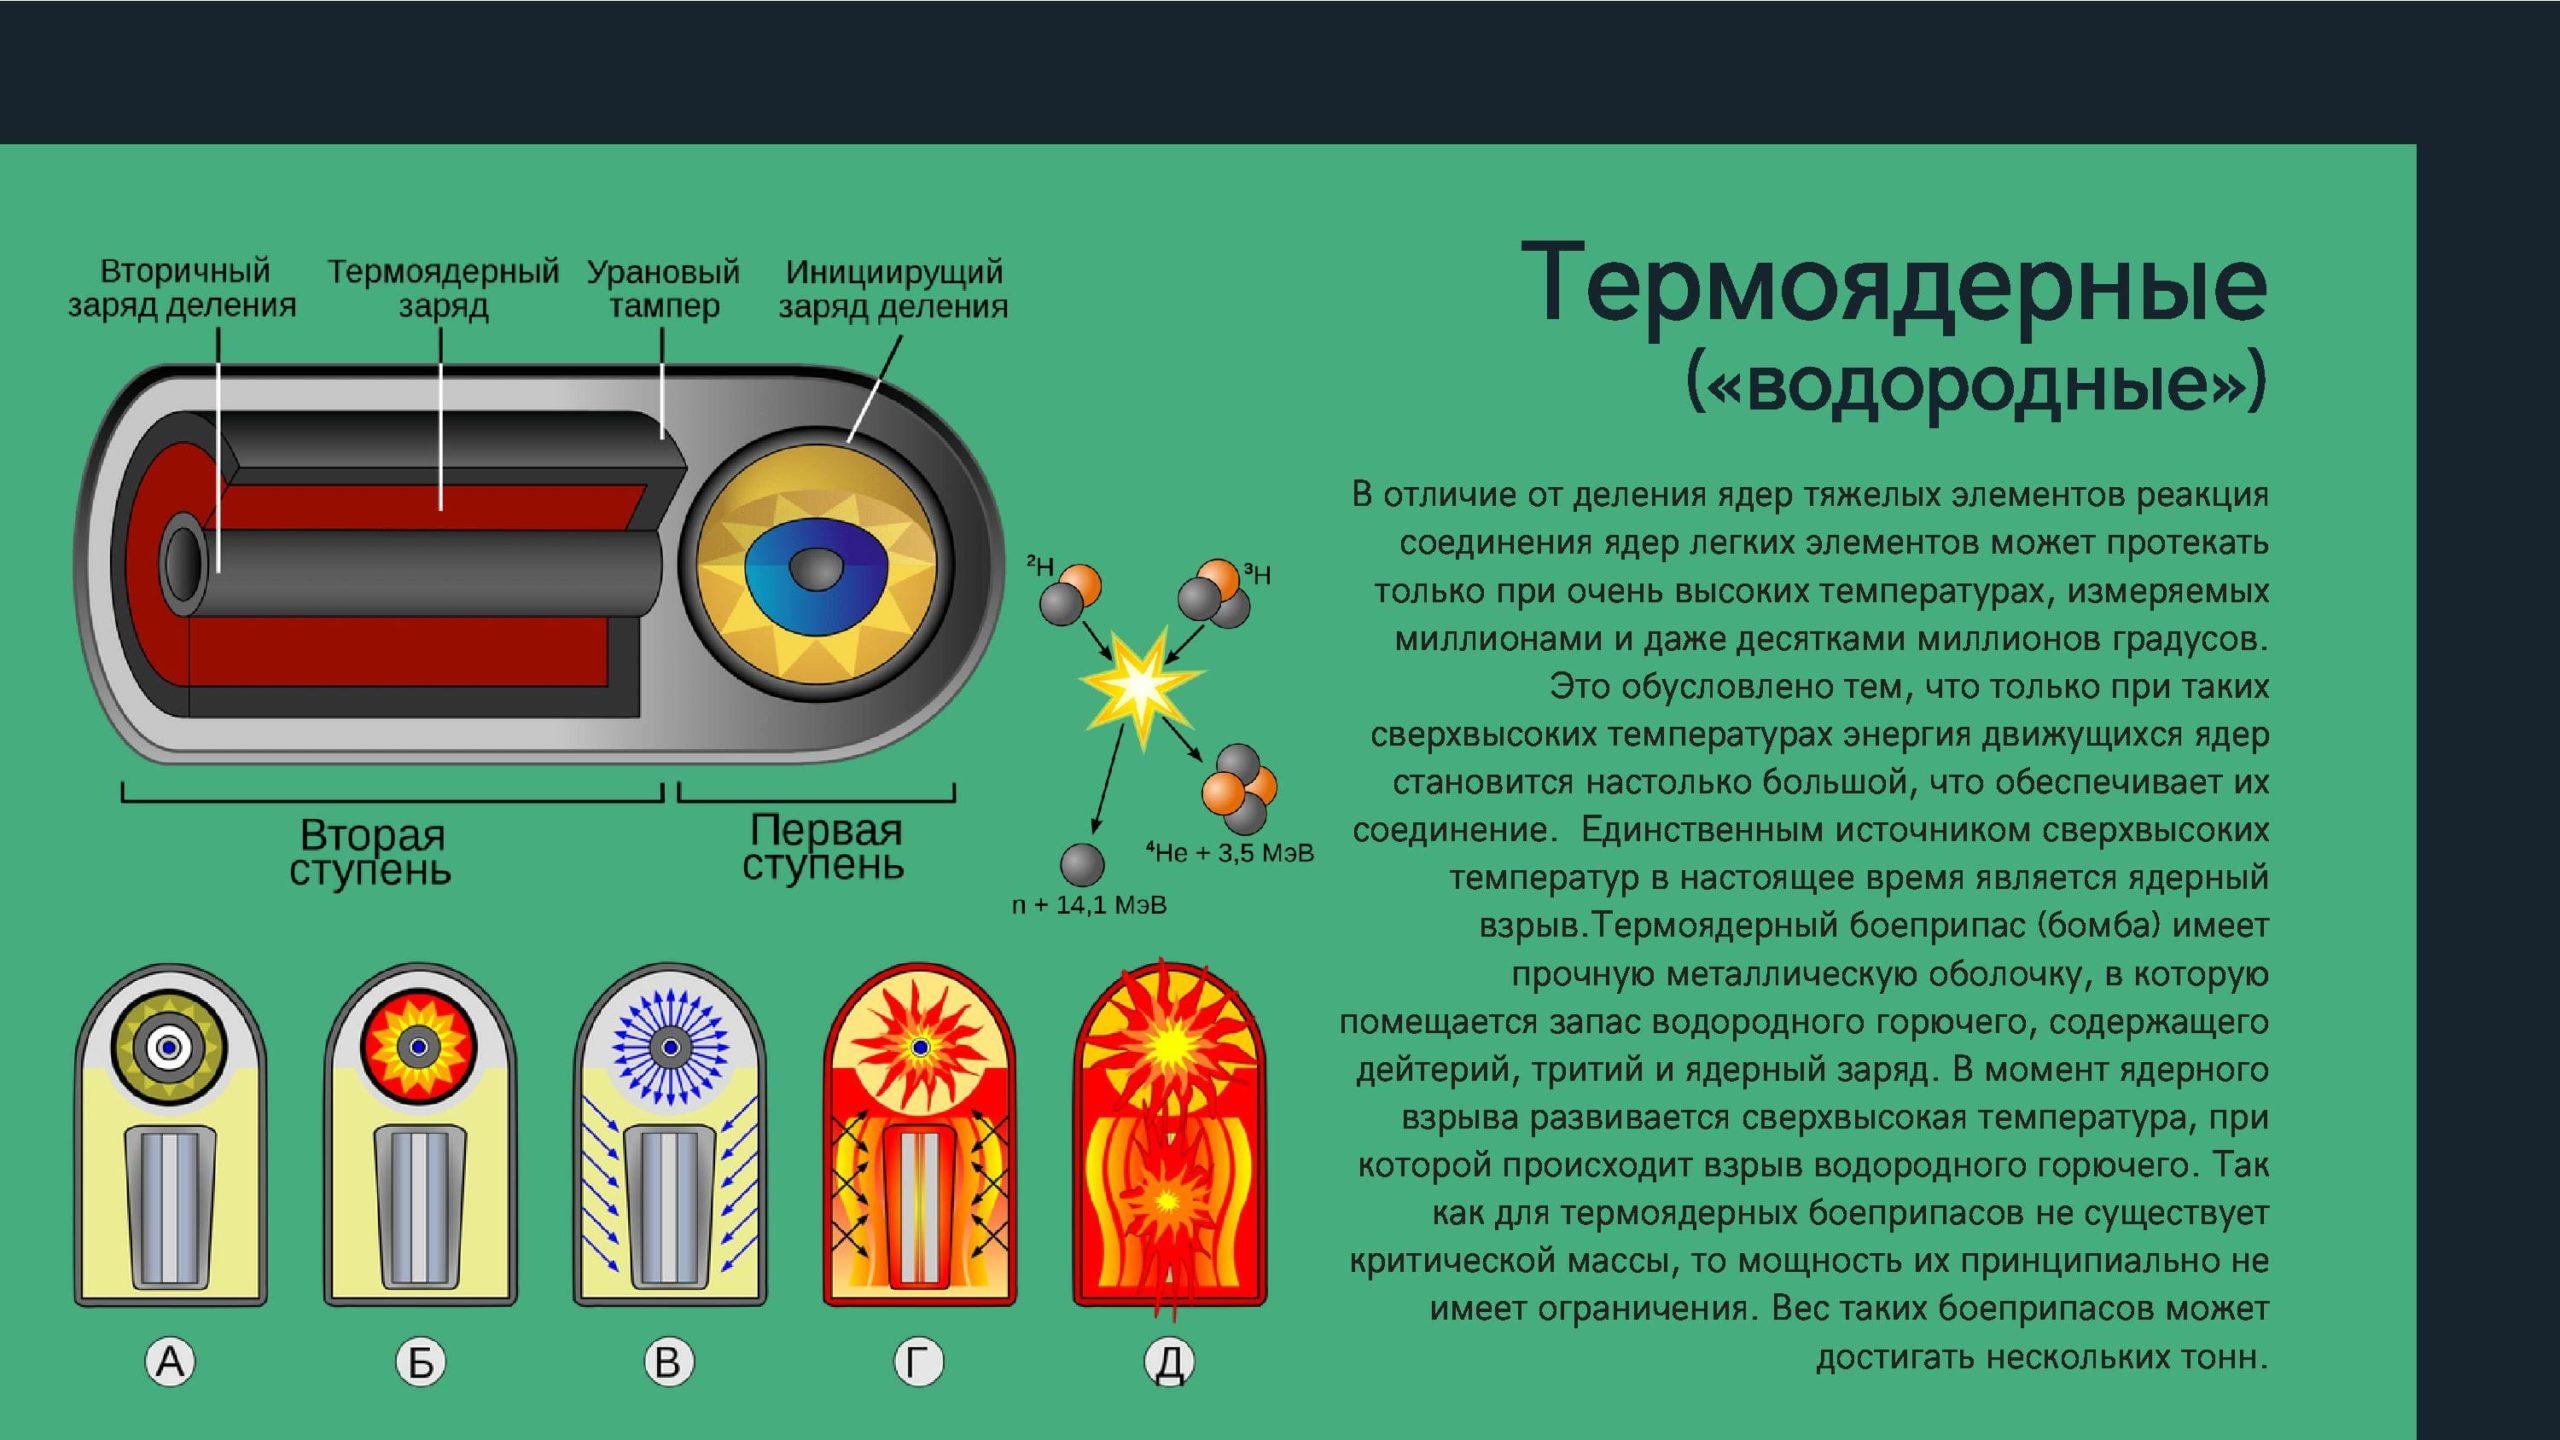 Термоядерные (водородные)